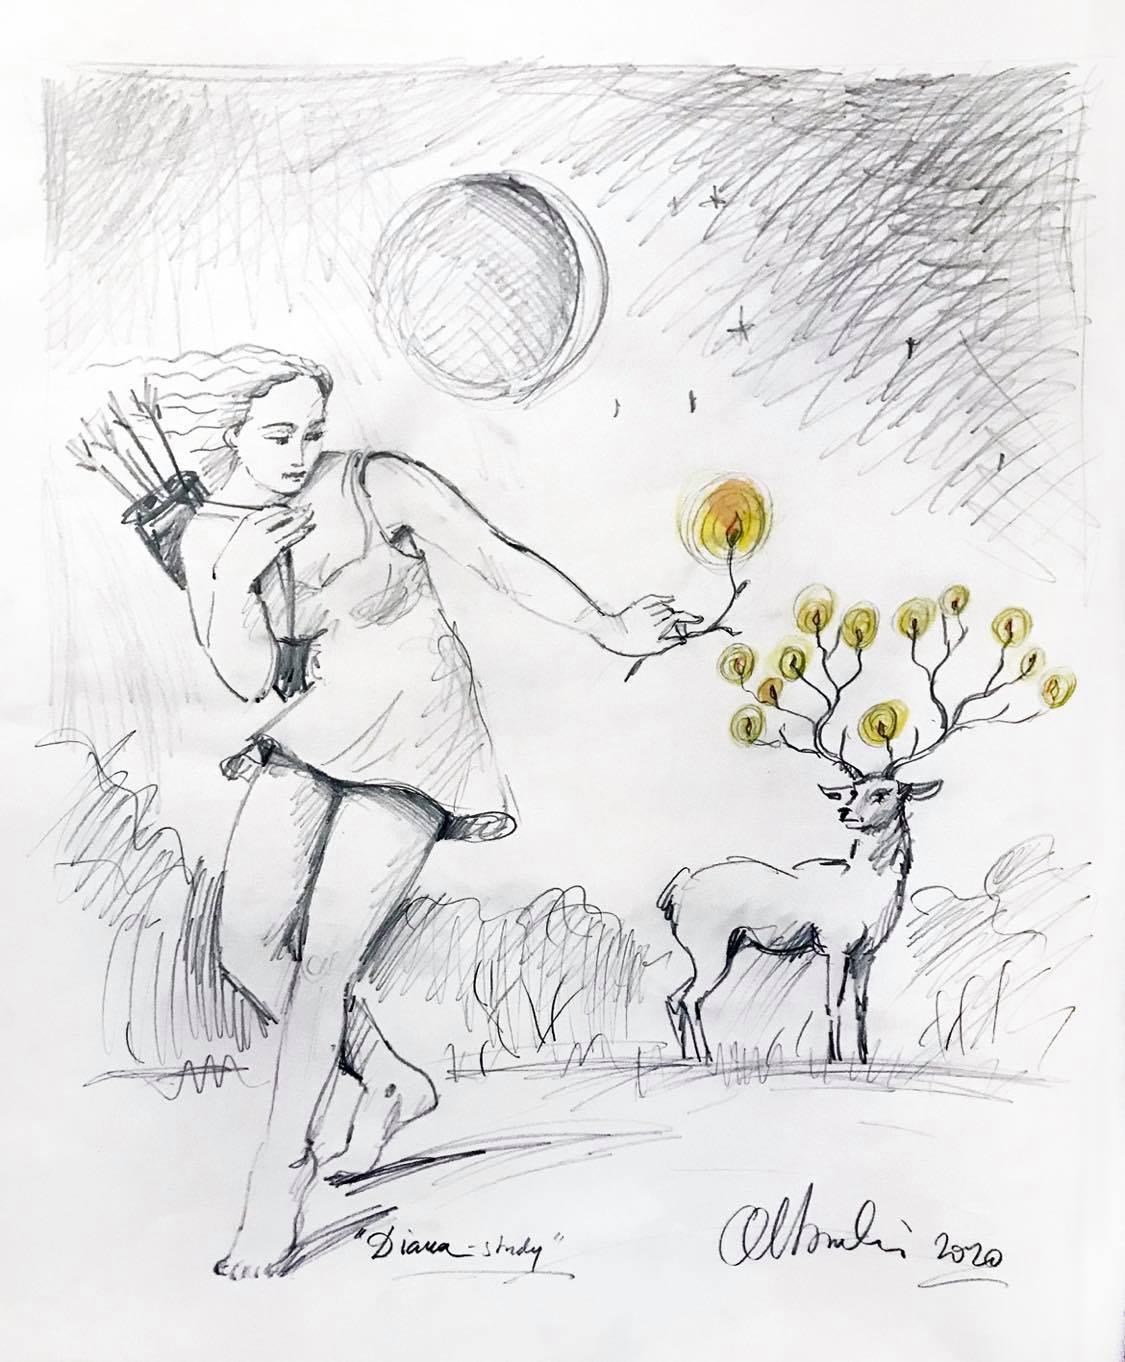 Olbiński rysunek Diana